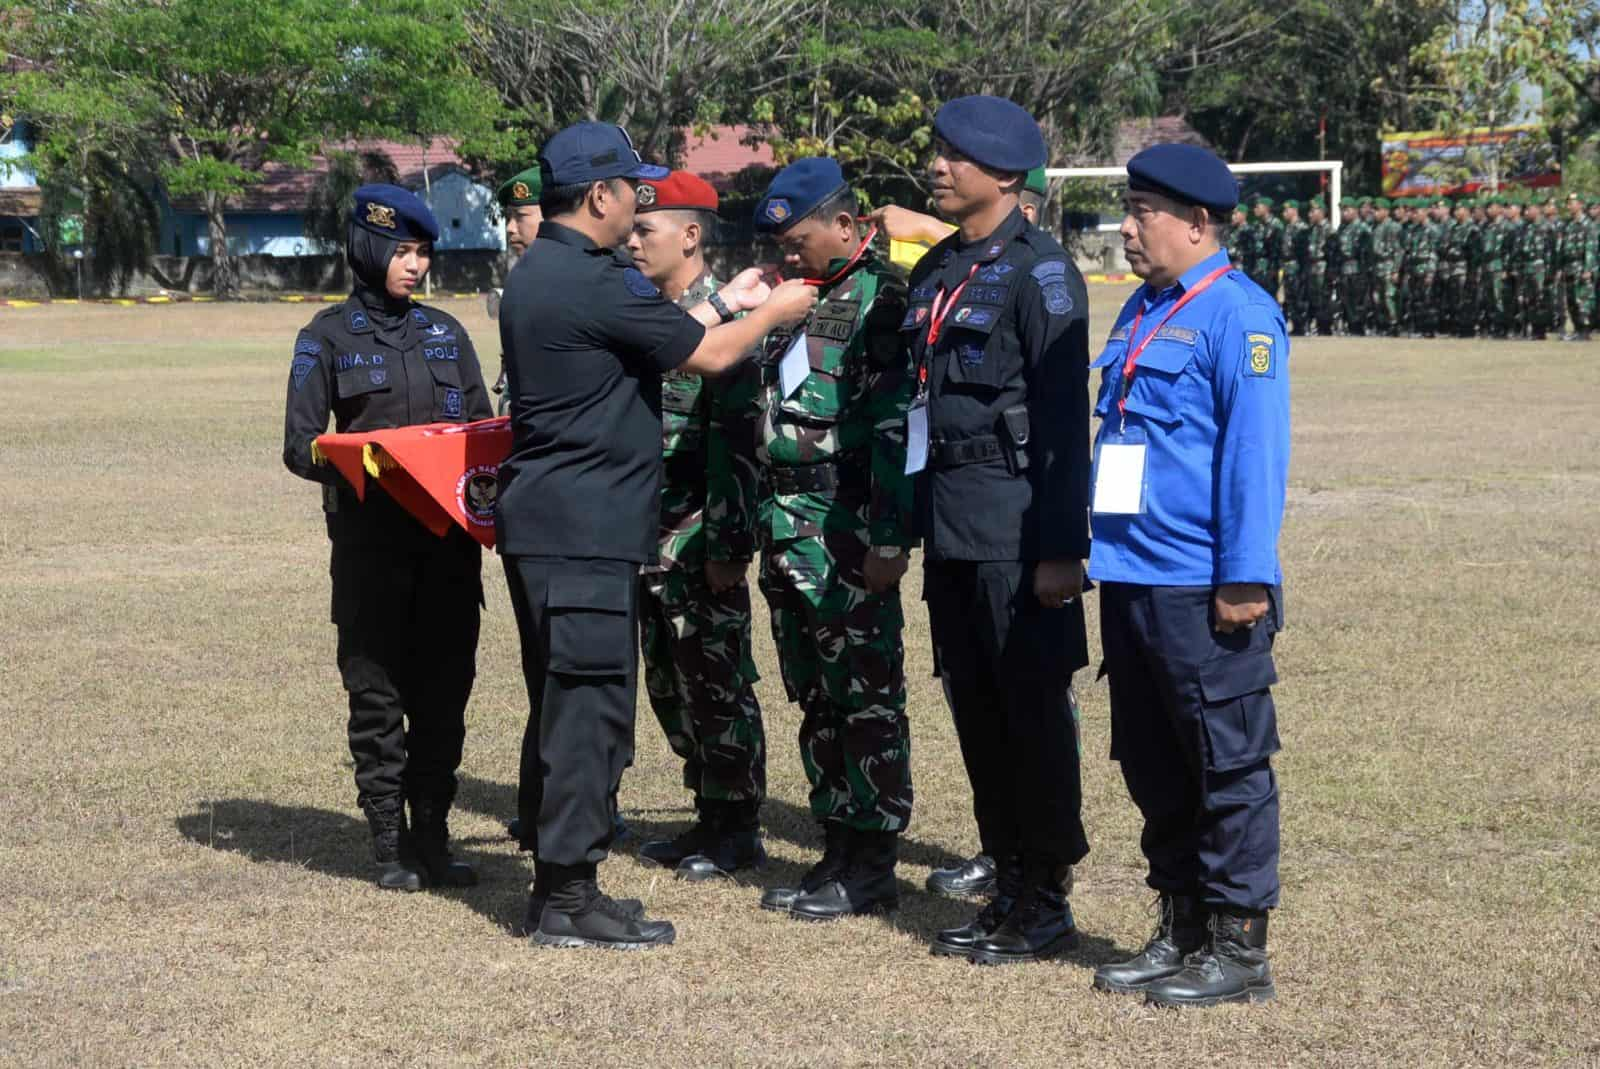 Apel Kesiapsiagaan Nasional dan Penutupan Latihan KBRN Upaya Preventif Untuk Cegah Aksi Terorisme Di Wilayah Kalimantan Selatan